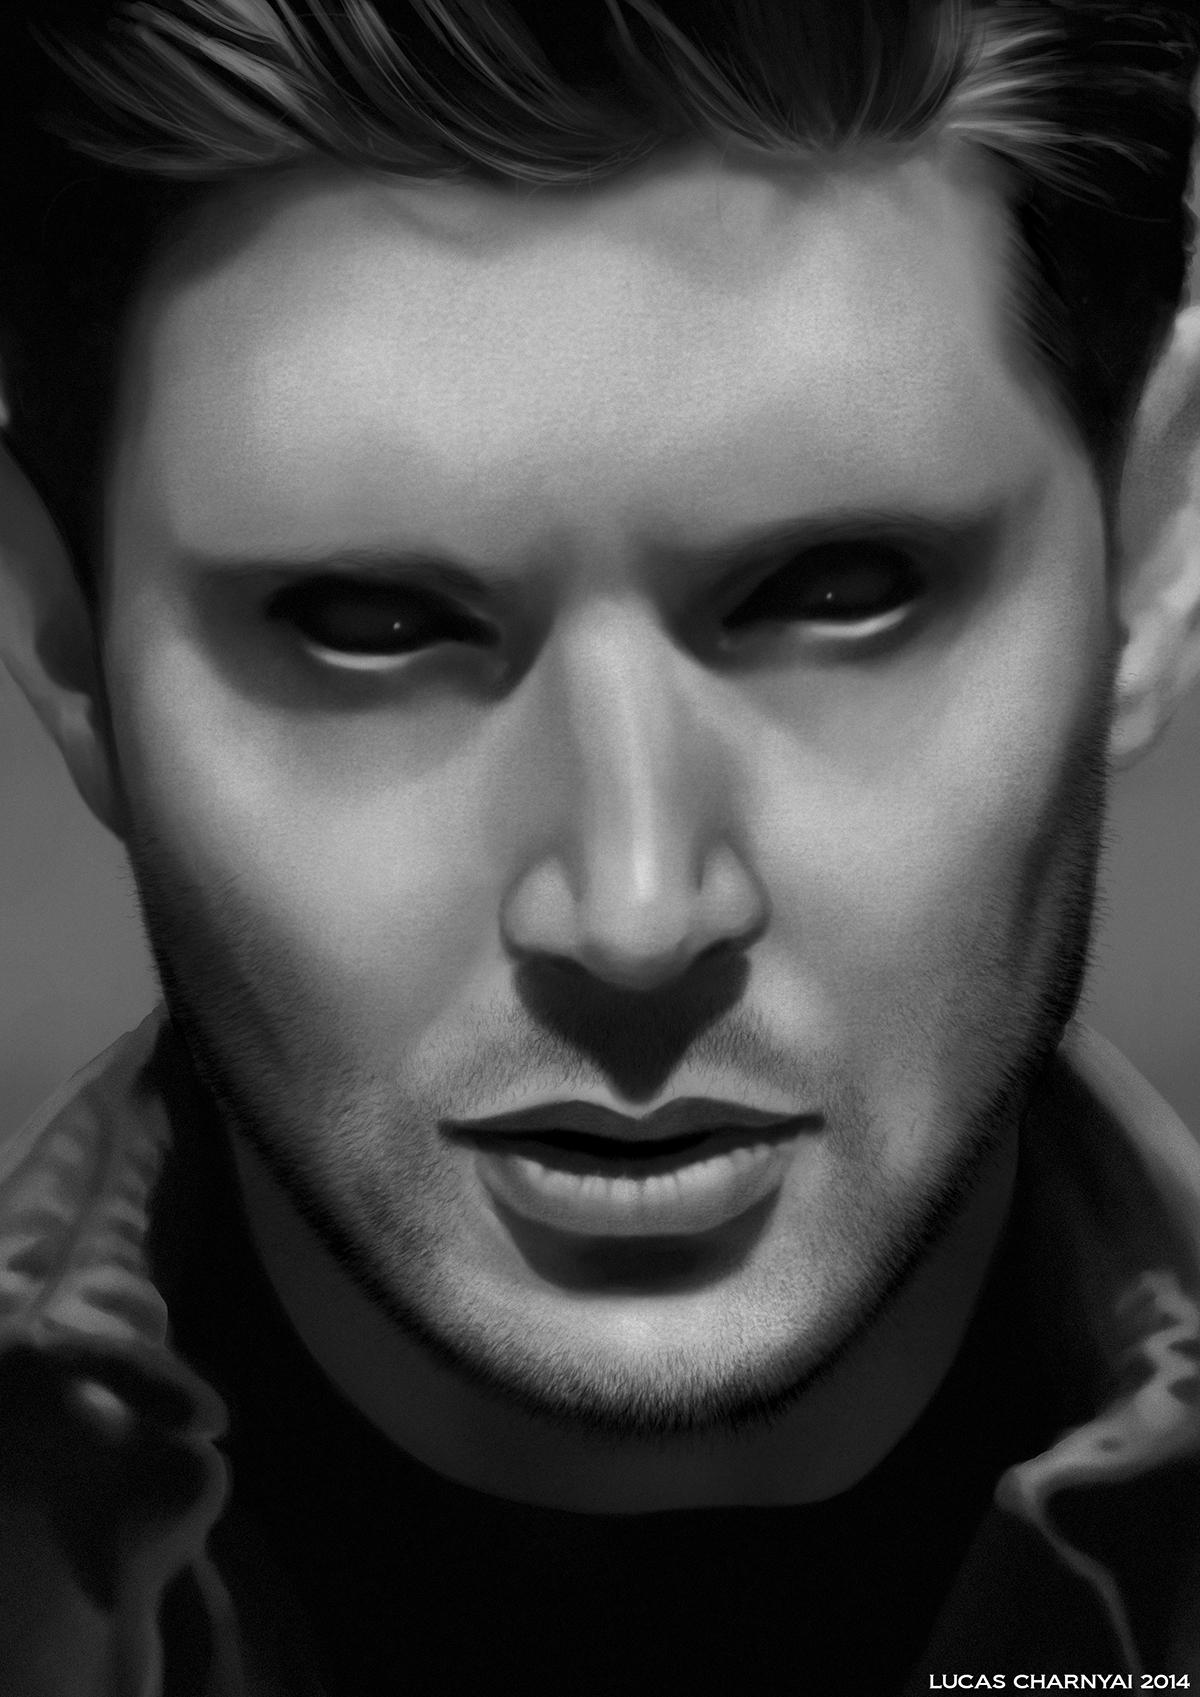 Demon Dean Winchester